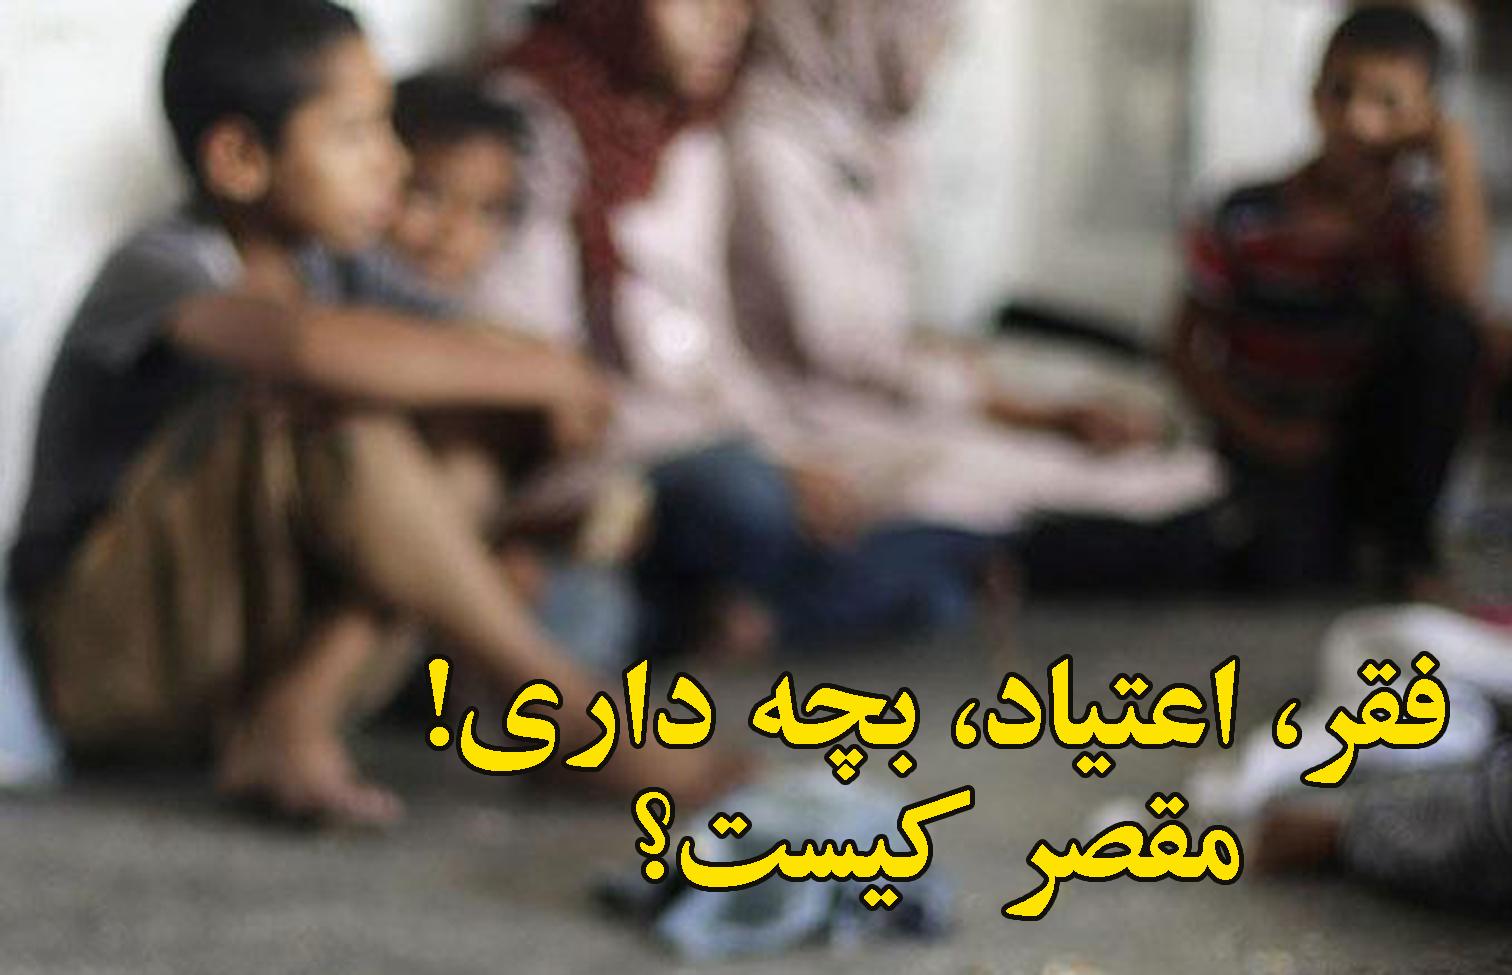 فقر، اعتیاد، بچه داری! مقصر کیست؟